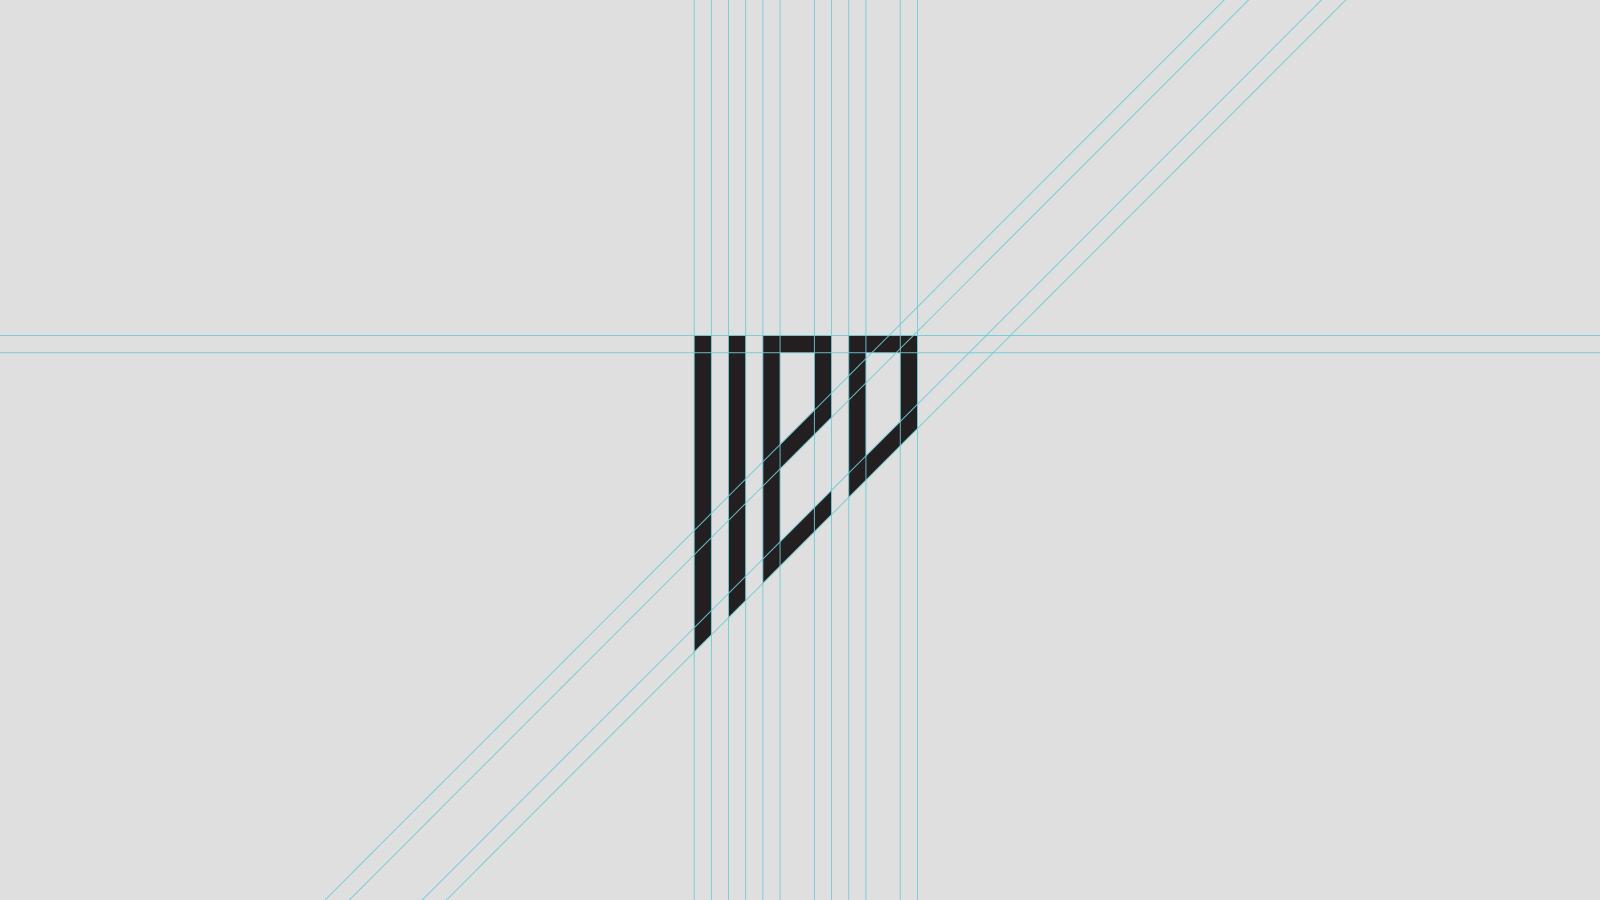 3_lleo-dj